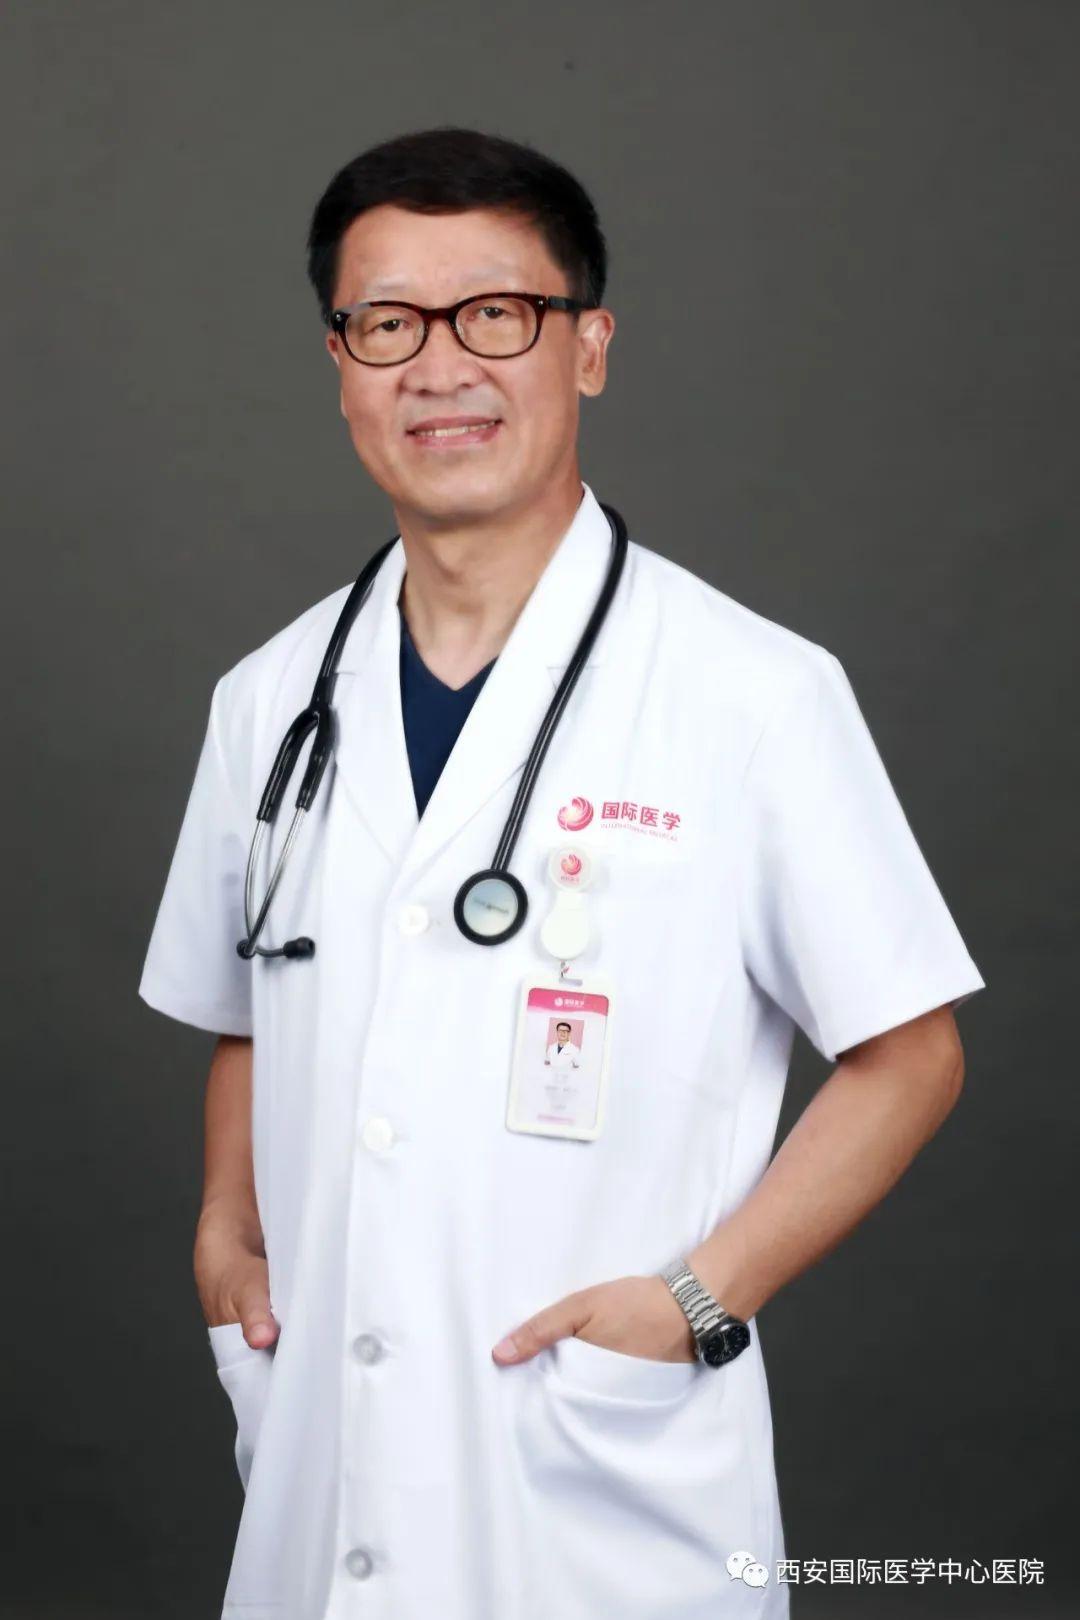 王海昌、薛妍荣获「2020 年陕西最美科技工作者」称号